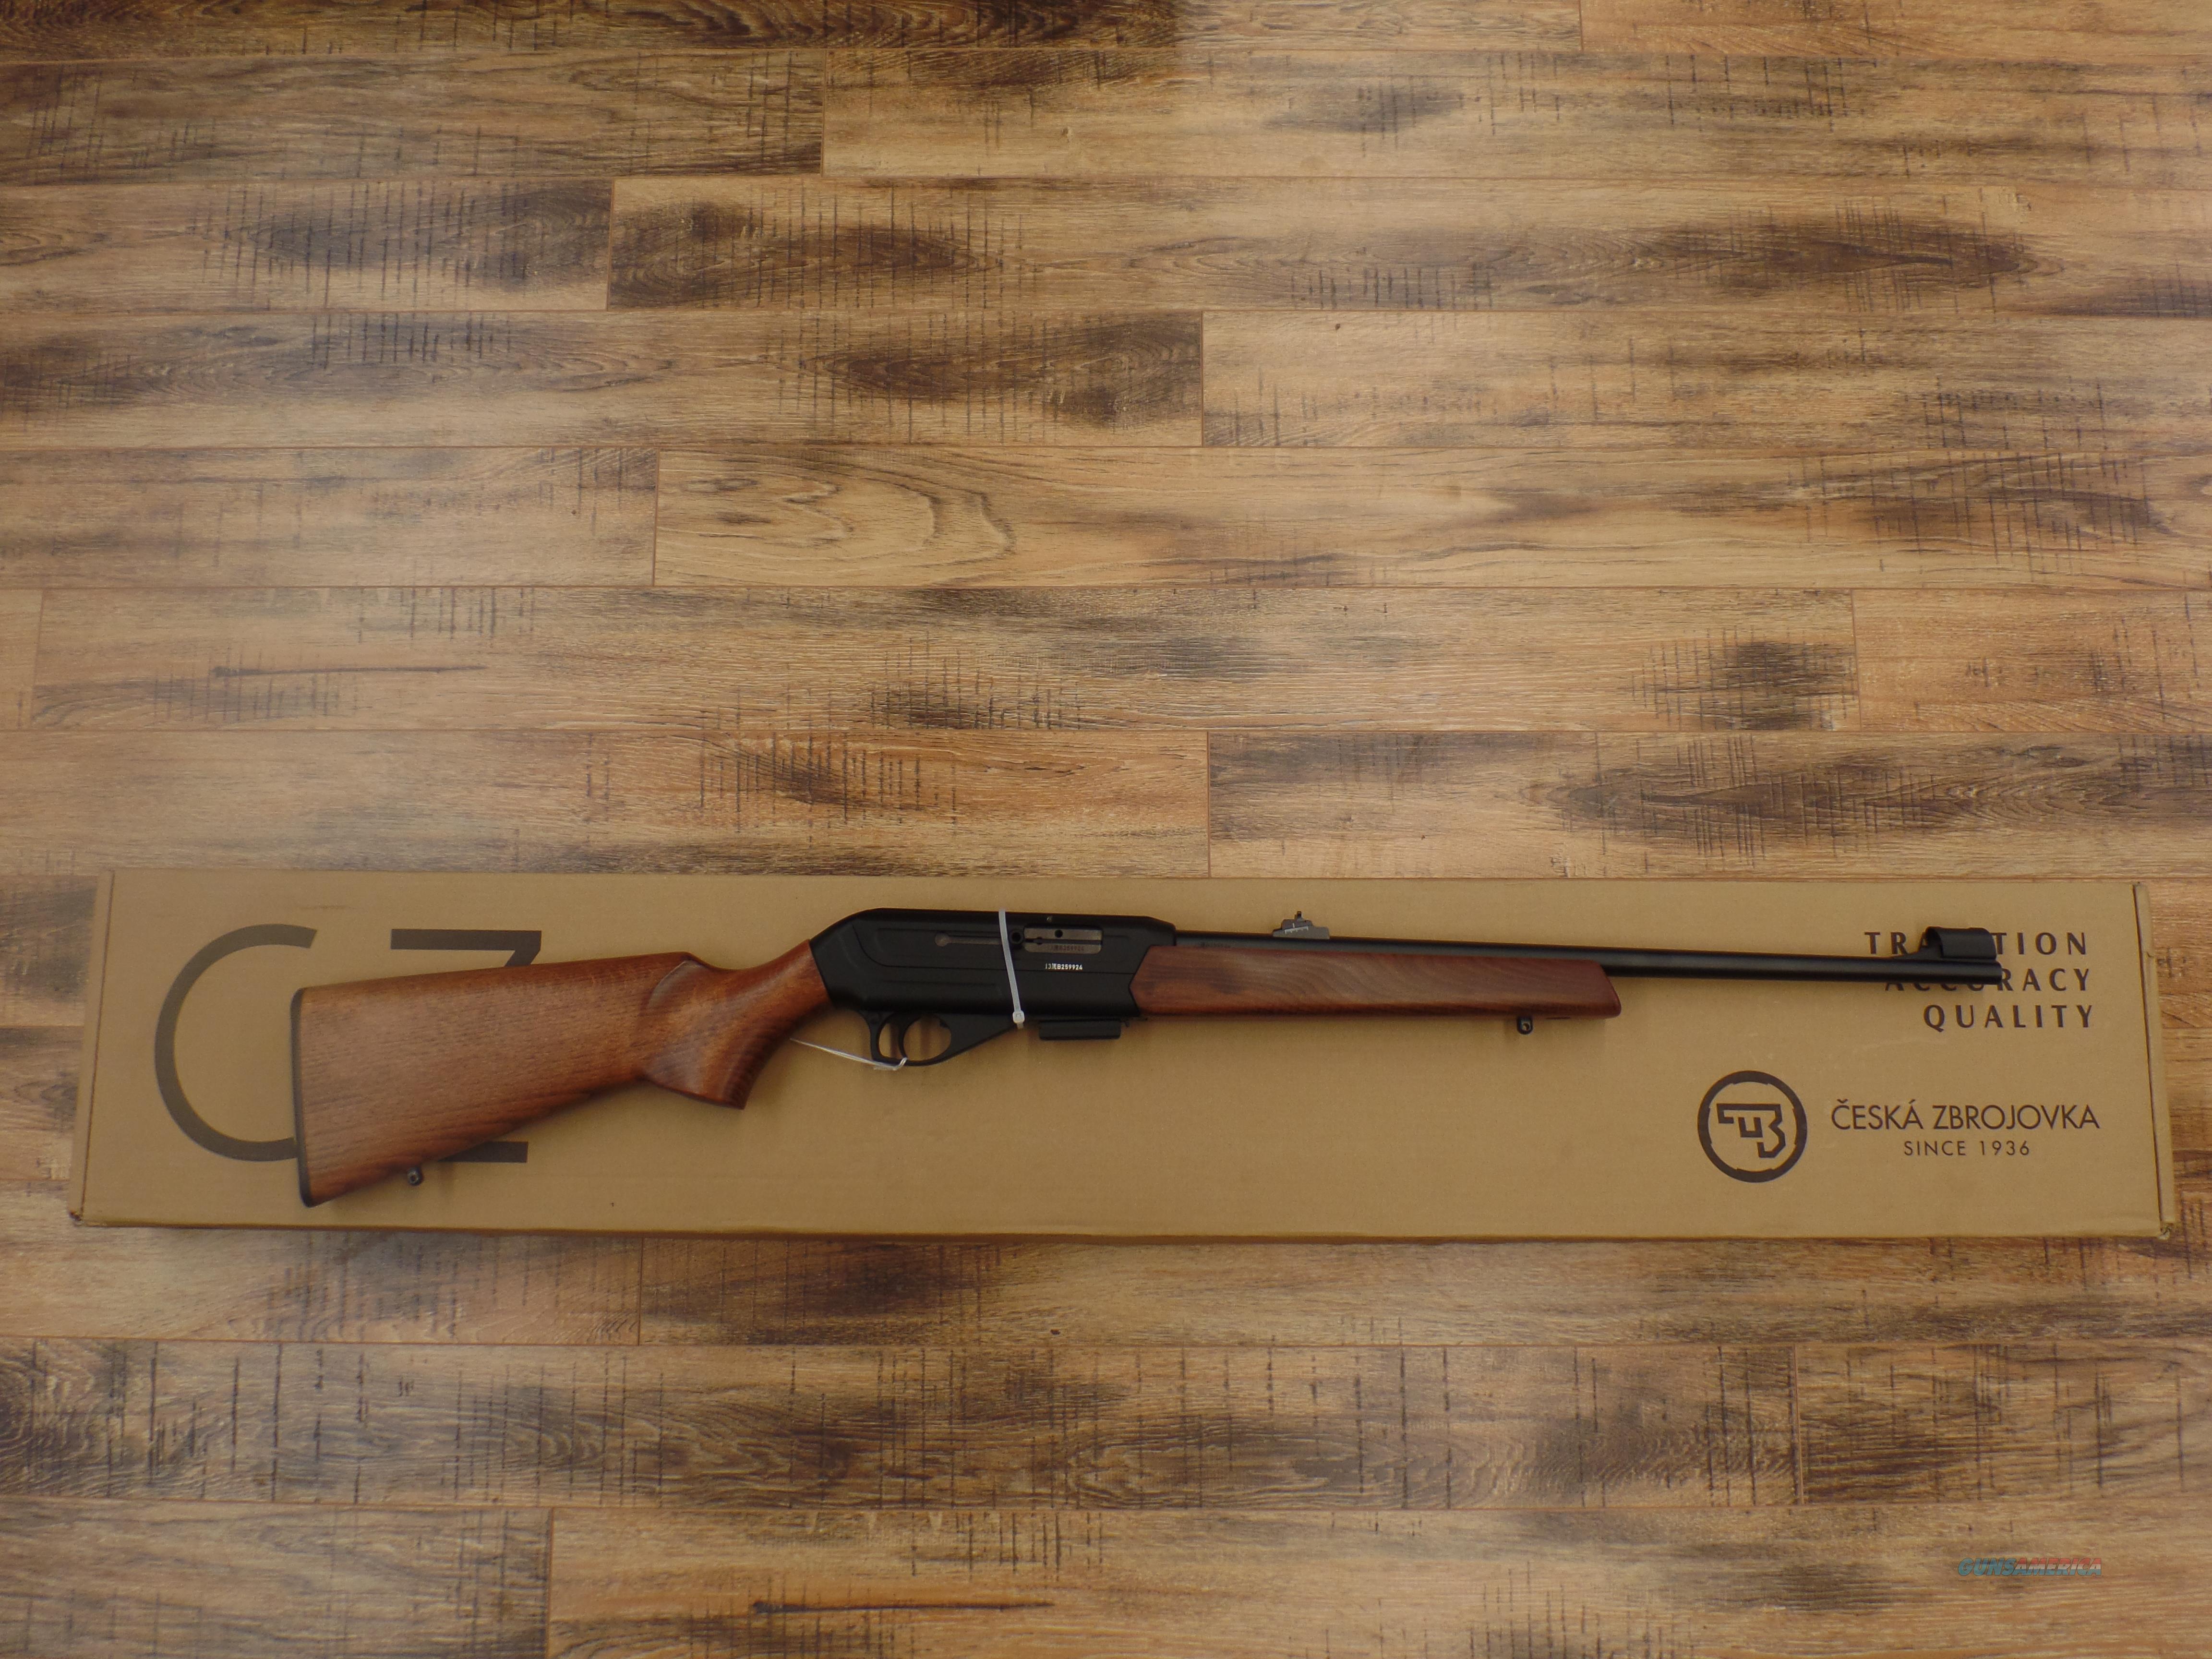 CZ 512 (22 MAG)  Guns > Rifles > CZ Rifles